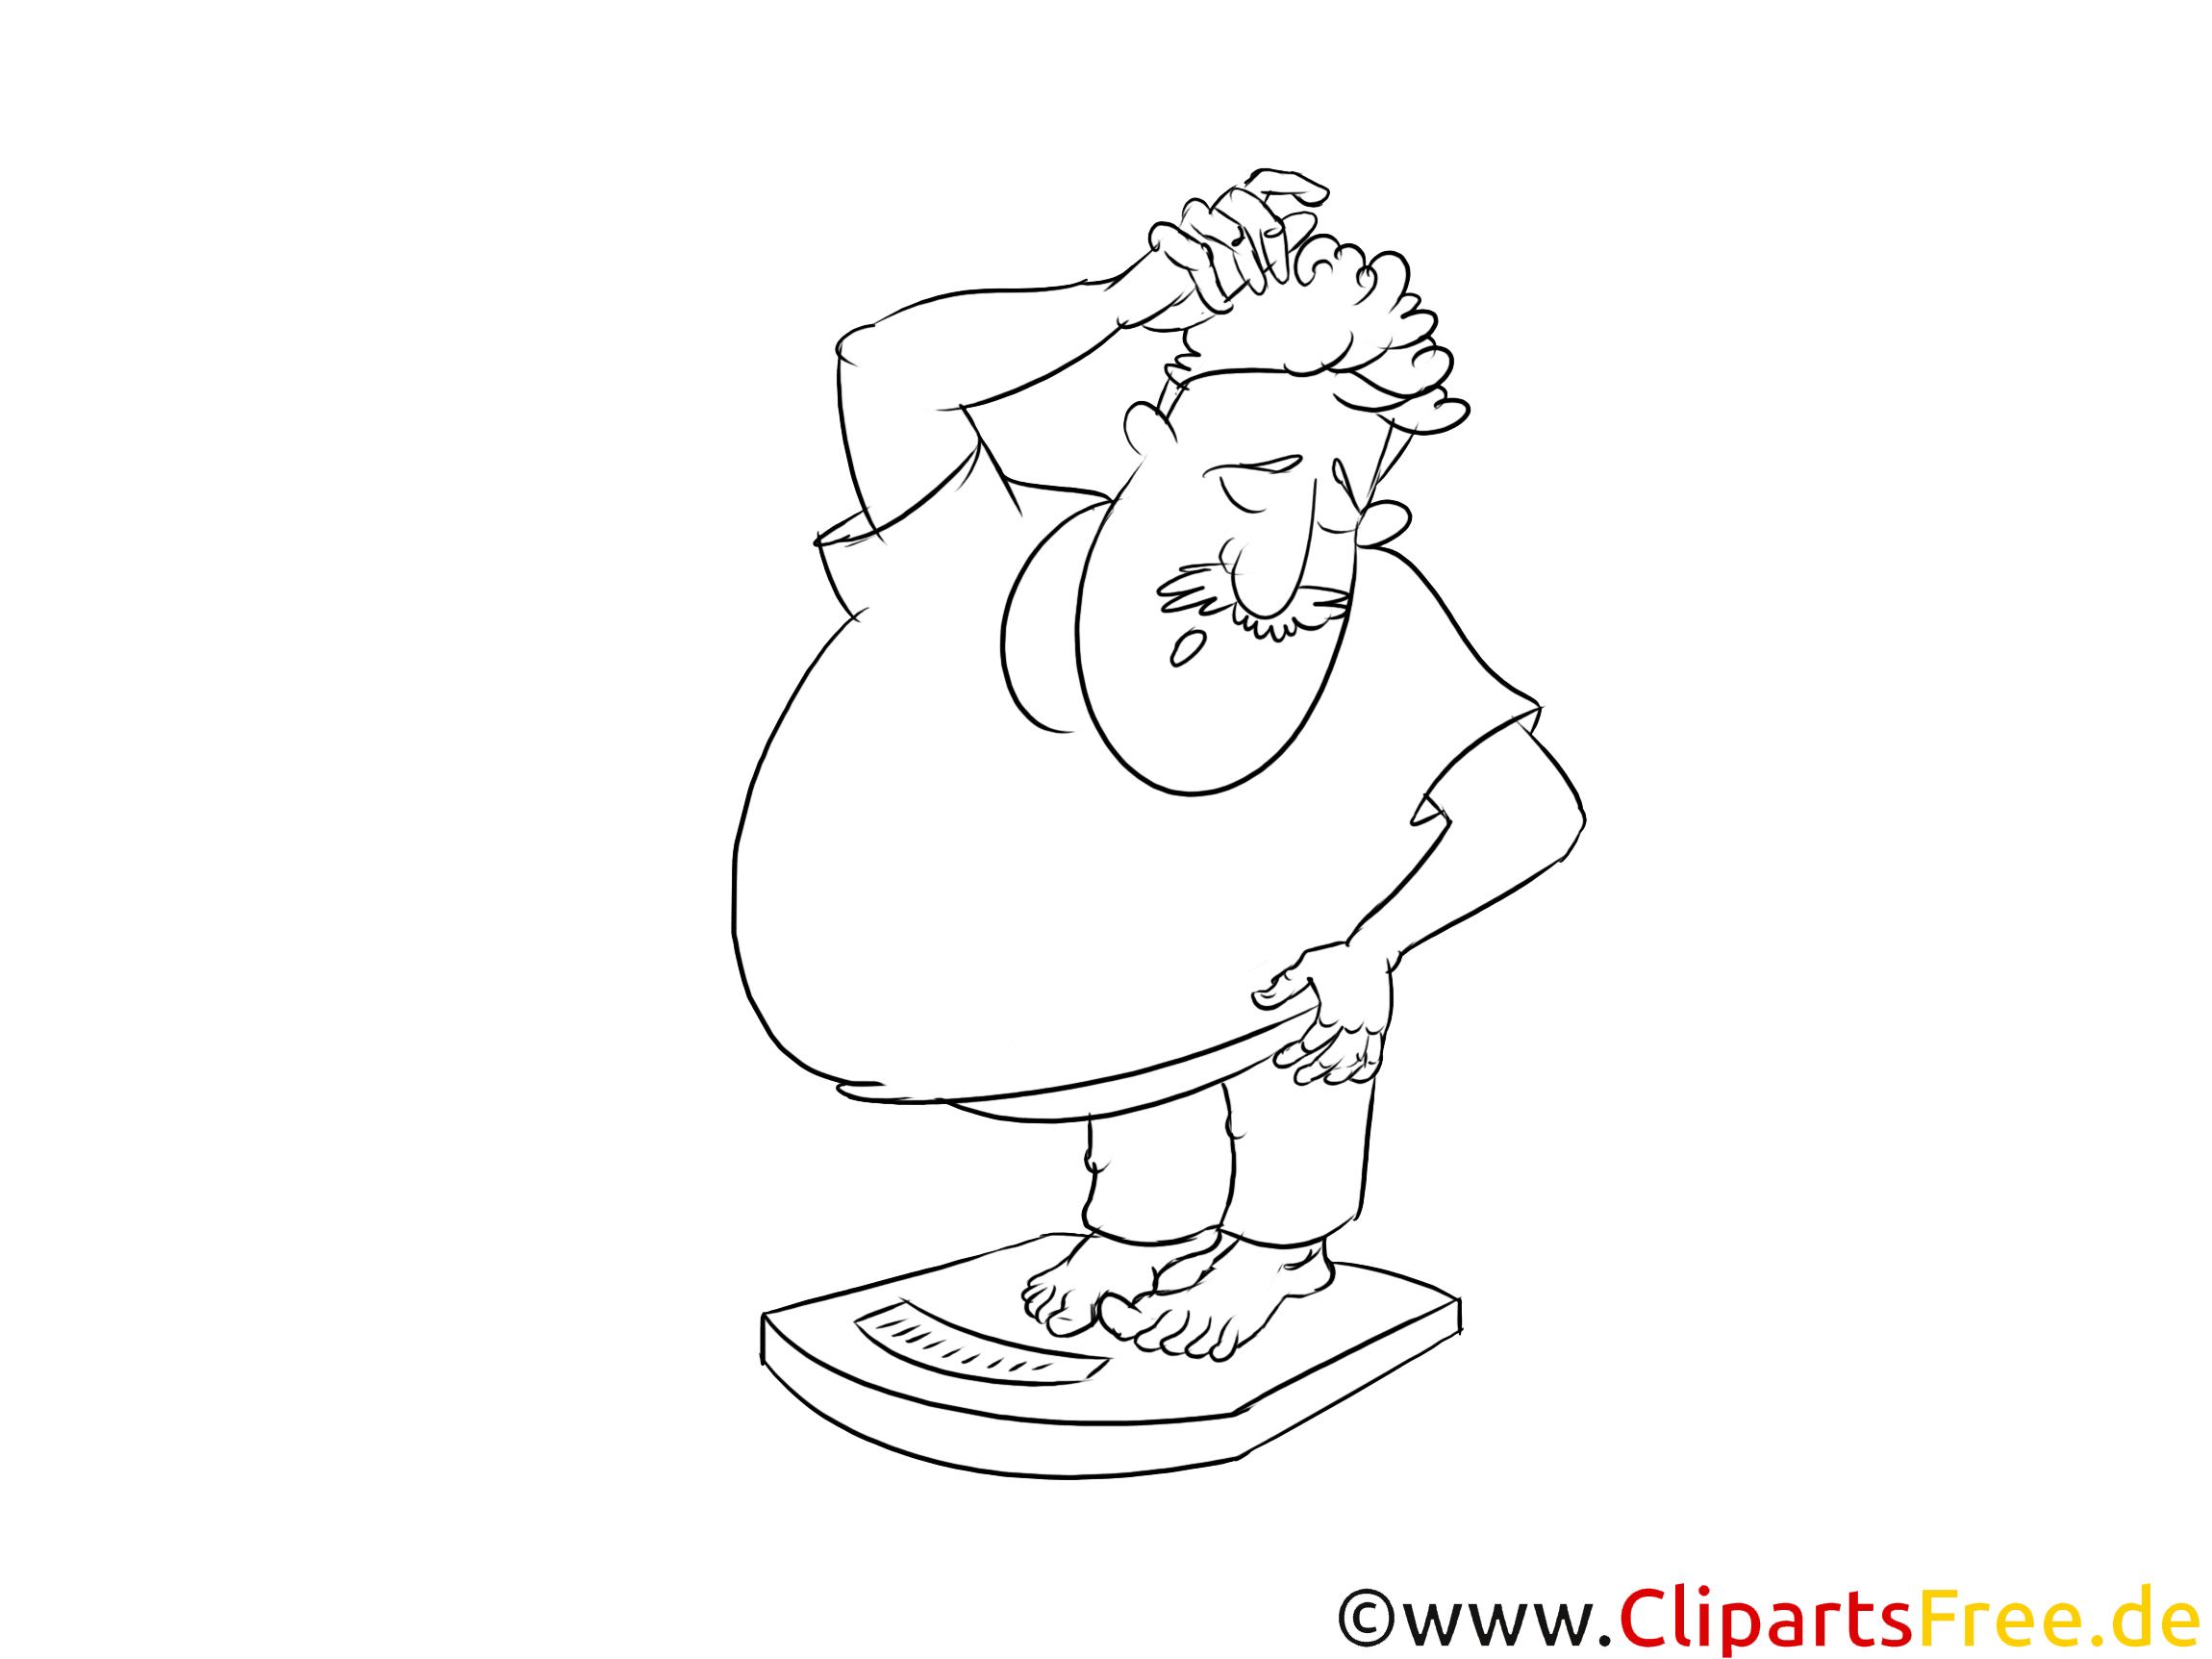 Übergewicht Clipart schwarz-weiss